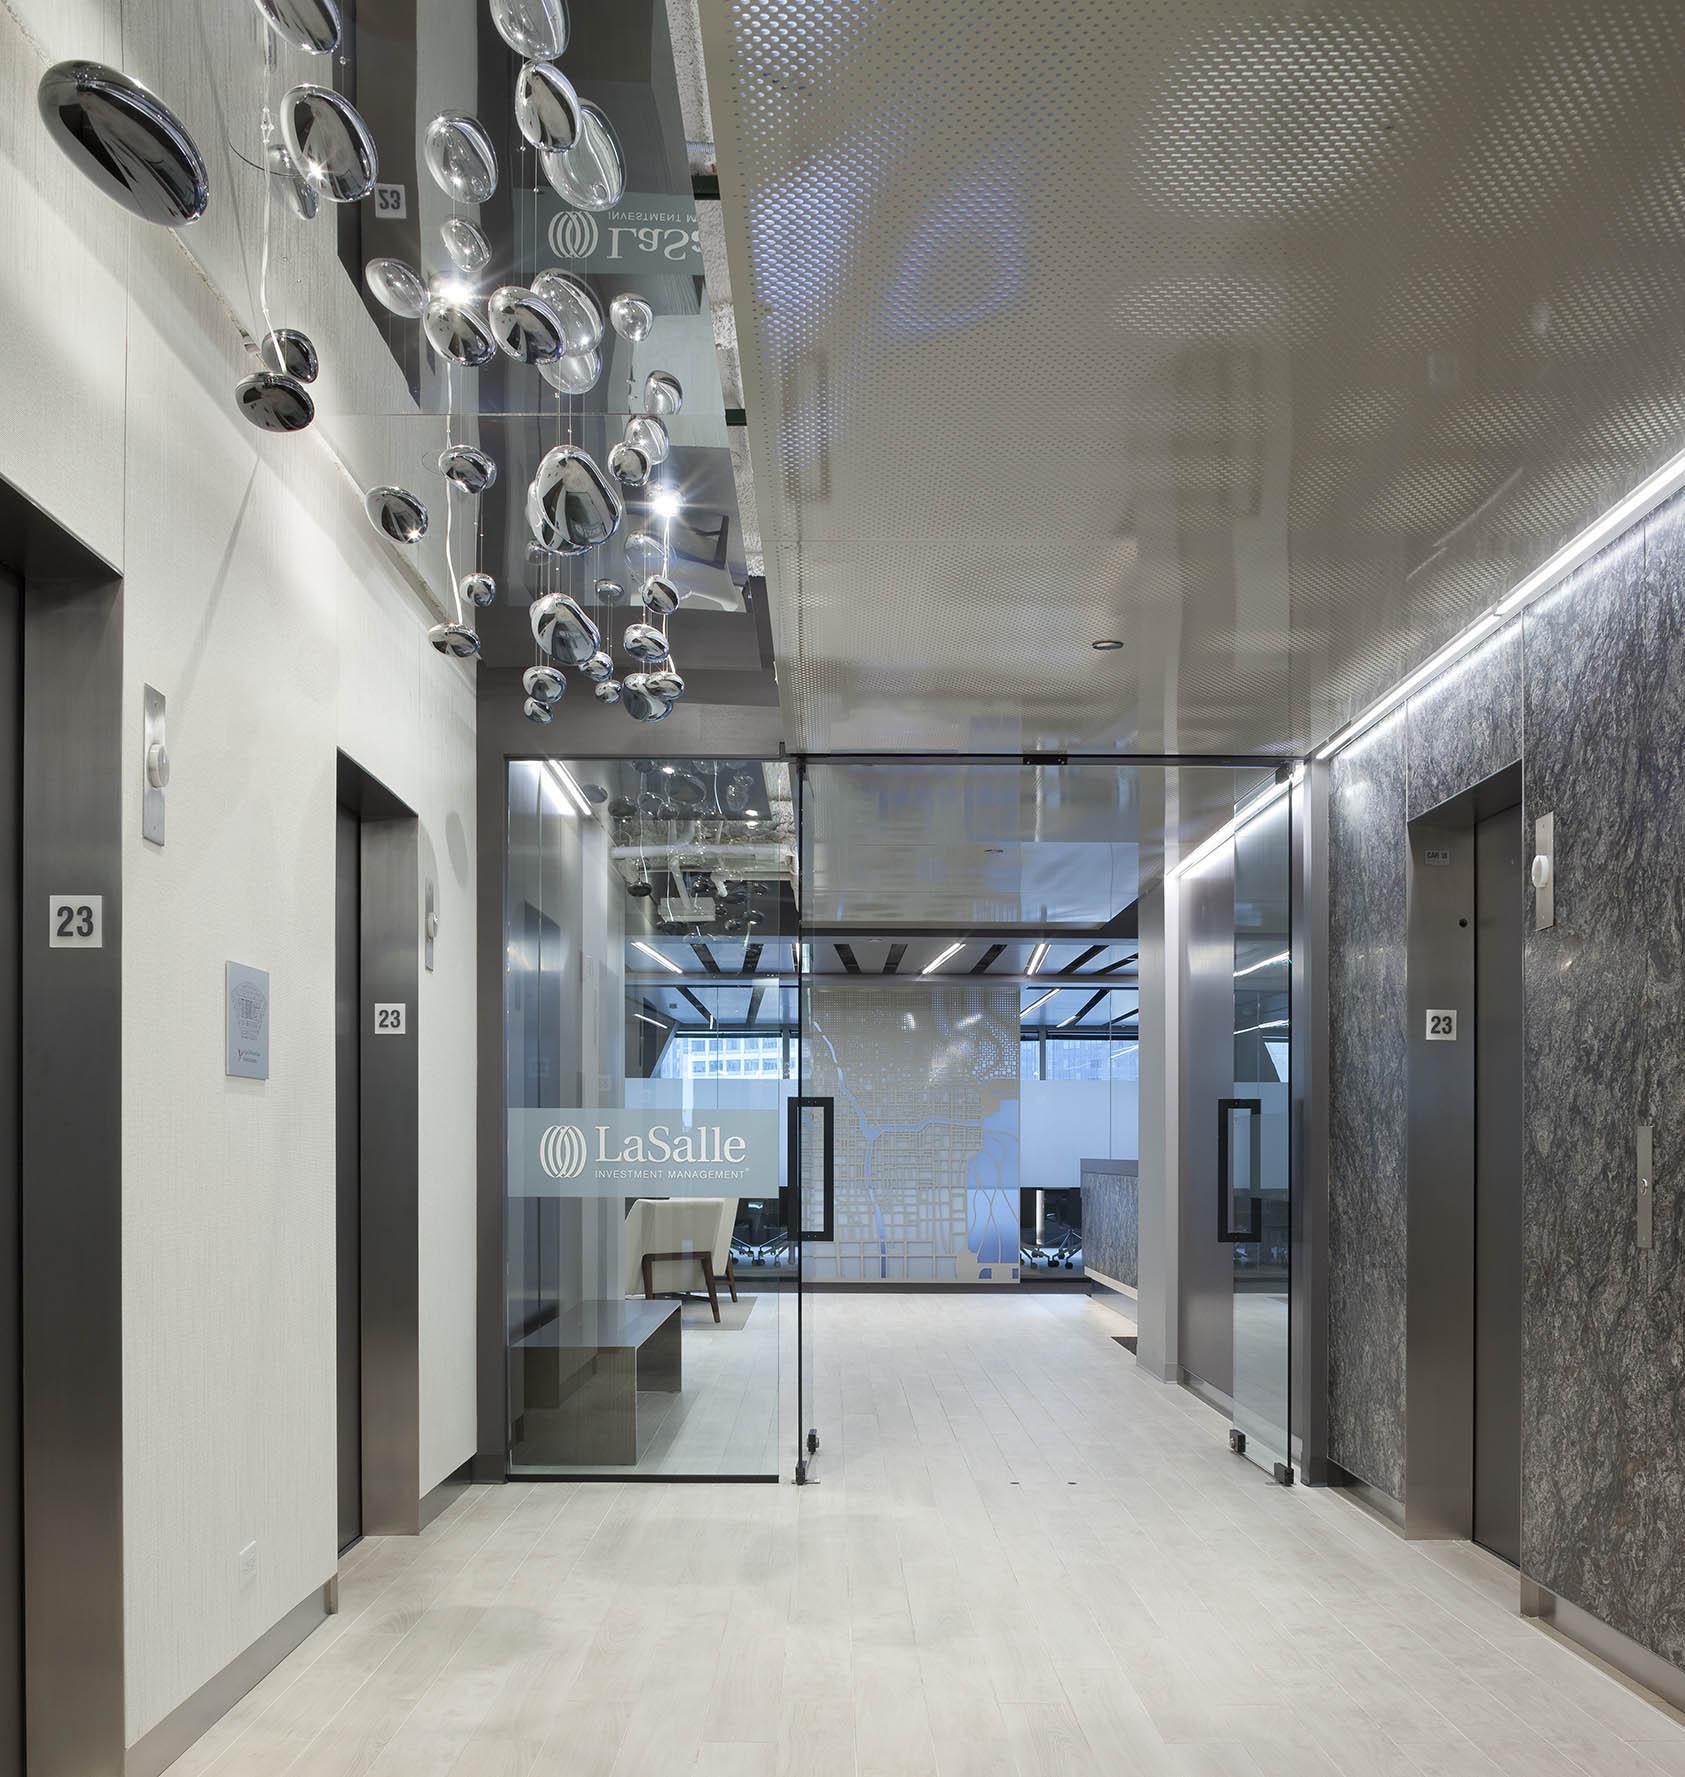 LaSalle Investment Management Headquarters